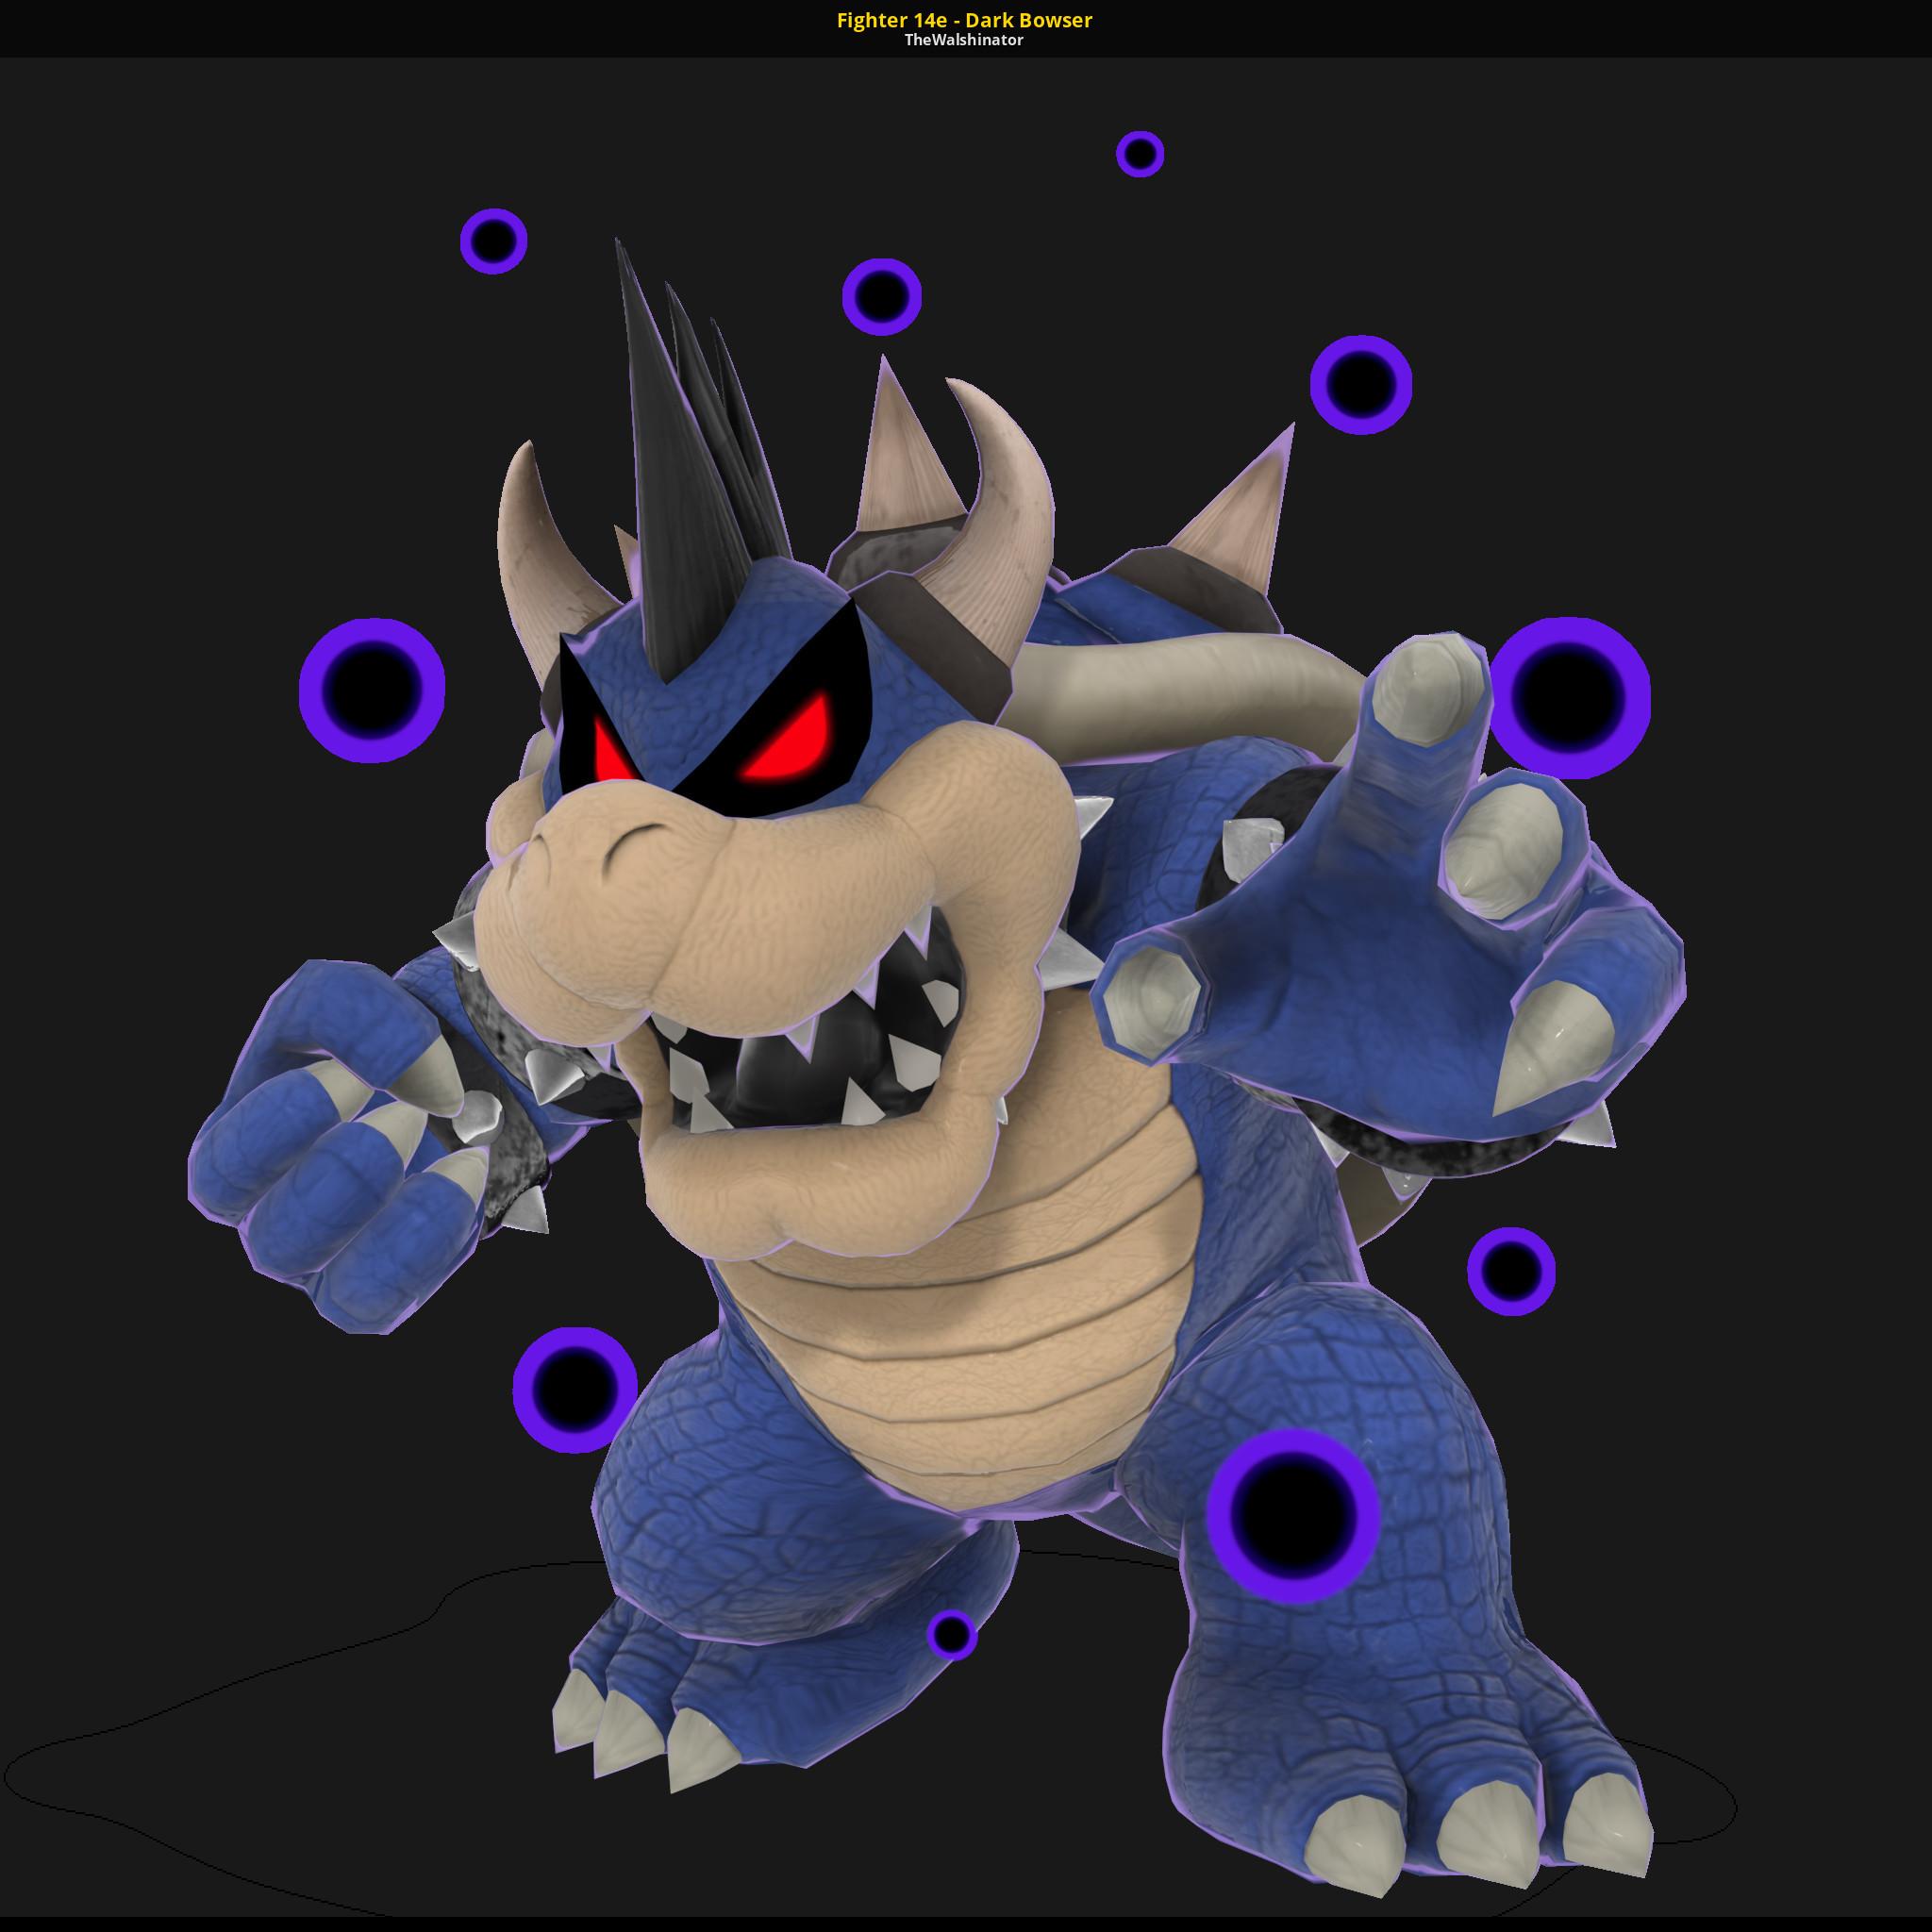 Fighter 14e Dark Bowser Super Smash Bros Ultimate Works In